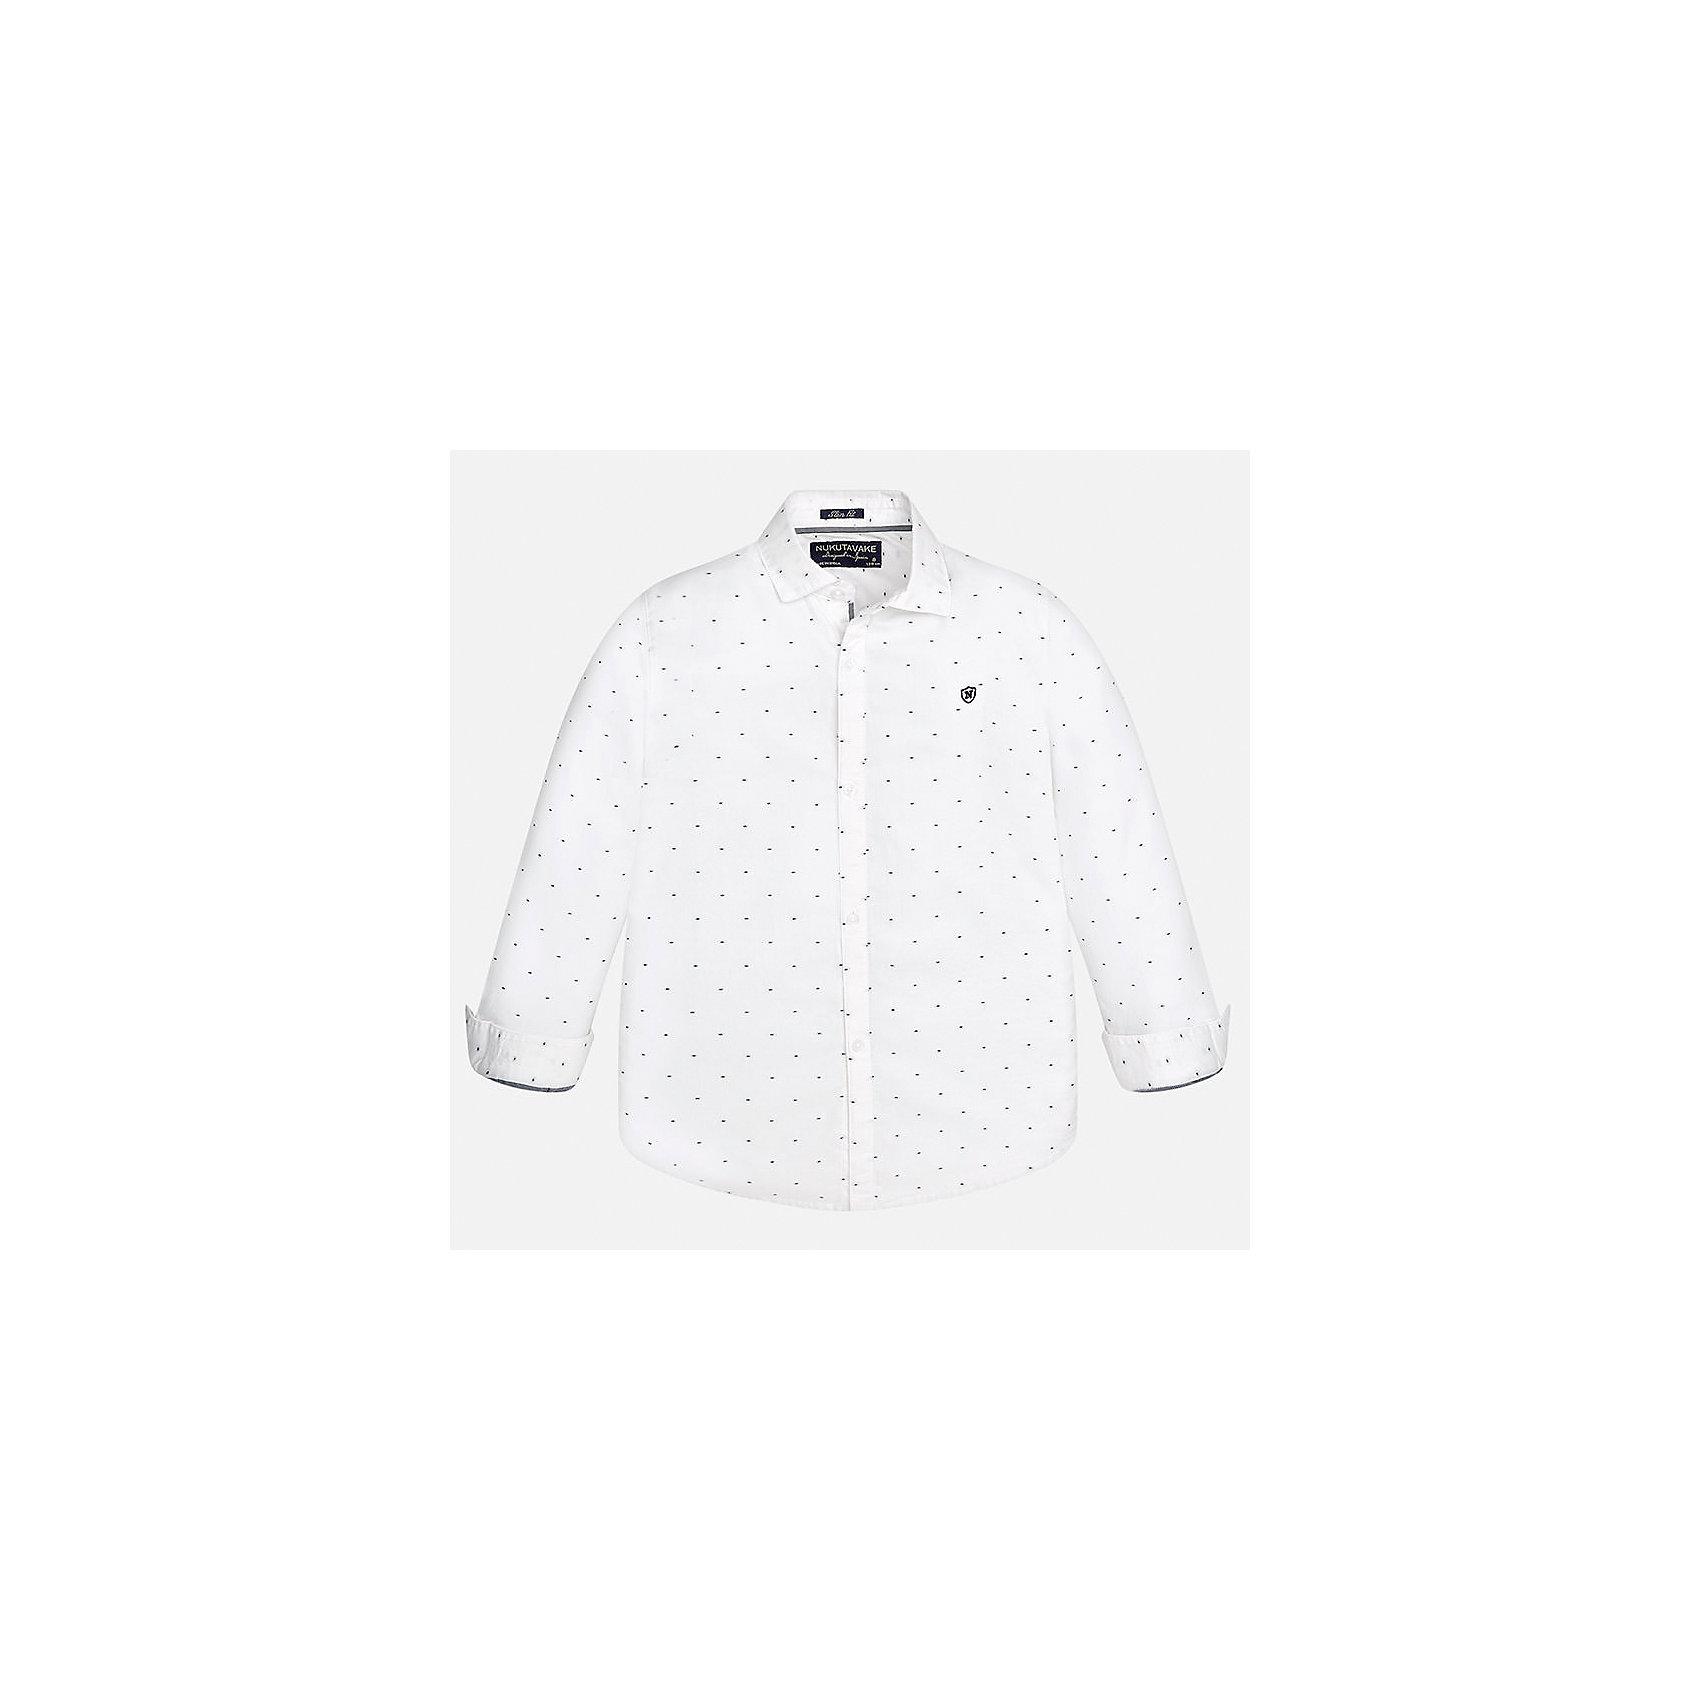 Рубашка Mayoral для мальчикаБлузки и рубашки<br>Характеристики товара:<br><br>• цвет: белый<br>• состав ткани: 100% хлопок<br>• сезон: демисезон<br>• особенности модели: школьная<br>• застежка: пуговицы<br>• длинные рукава<br>• страна бренда: Испания<br>• страна изготовитель: Индия<br><br>Хлопковая белая рубашка с длинным рукавом для мальчика от Майорал поможет обеспечить ребенку комфорт. Детская рубашка отличается стильным и продуманным дизайном. В рубашке для мальчика от испанской компании Майорал ребенок будет выглядеть модно, а чувствовать себя - комфортно. <br><br>Рубашку для мальчика Mayoral (Майорал) можно купить в нашем интернет-магазине.<br><br>Ширина мм: 174<br>Глубина мм: 10<br>Высота мм: 169<br>Вес г: 157<br>Цвет: белый<br>Возраст от месяцев: 168<br>Возраст до месяцев: 180<br>Пол: Мужской<br>Возраст: Детский<br>Размер: 170,128/134,140,152,158,164<br>SKU: 6933521